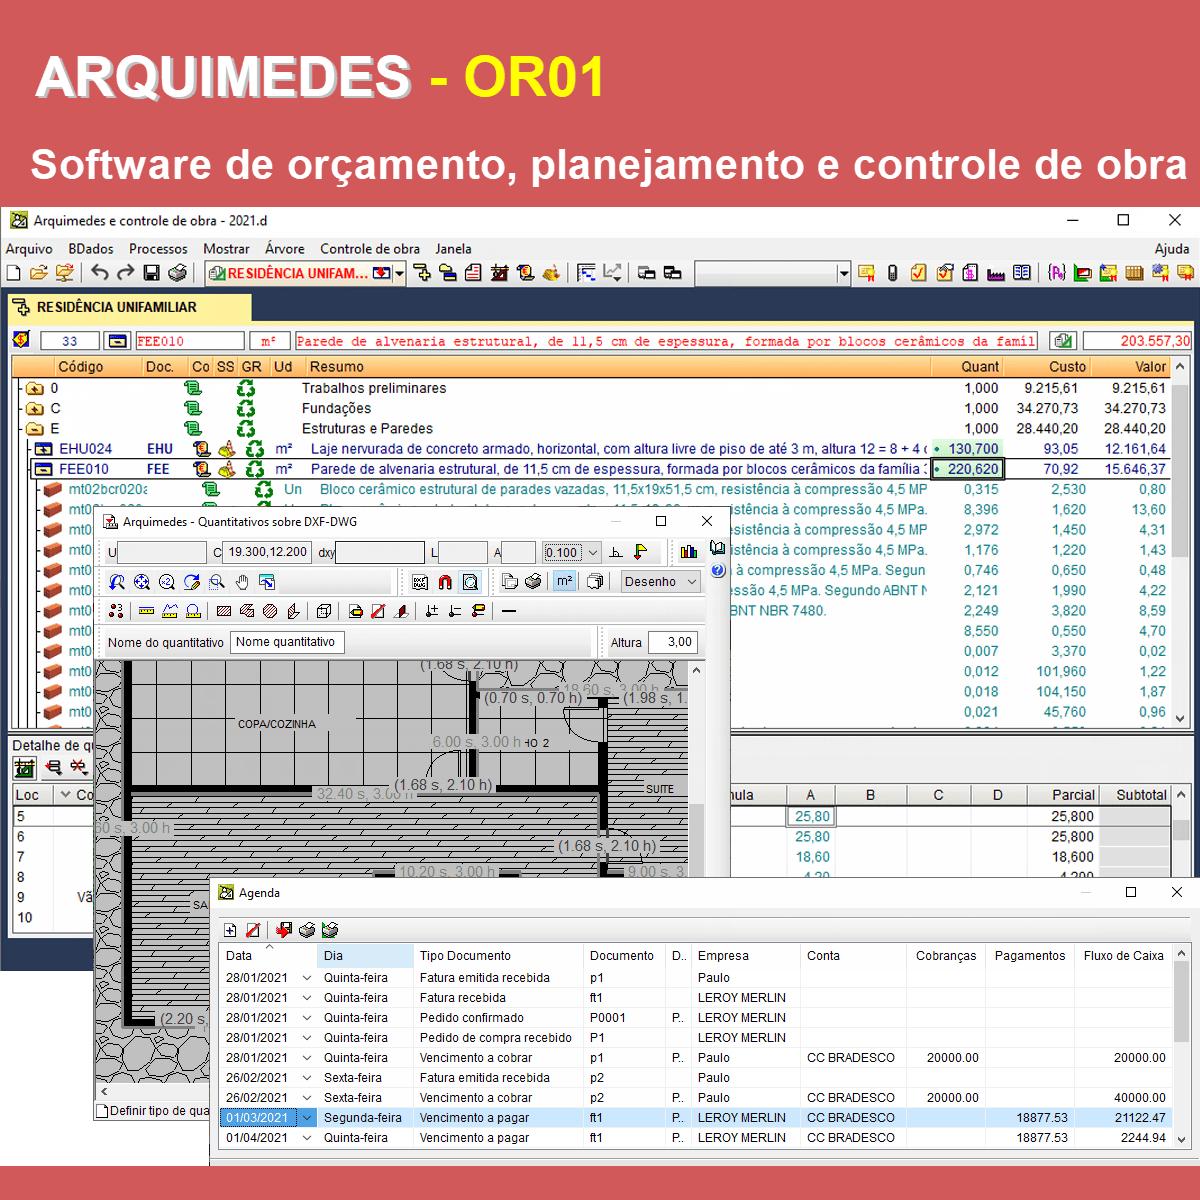 Software Arquimedes OR01 versão 2021 (Licença Eletrônica) incluindo Orçamento, Planejamento, Medição de Obras, Levantamento direto do CAD e Controle de Obras  - MULTIPLUS SOFTWARES